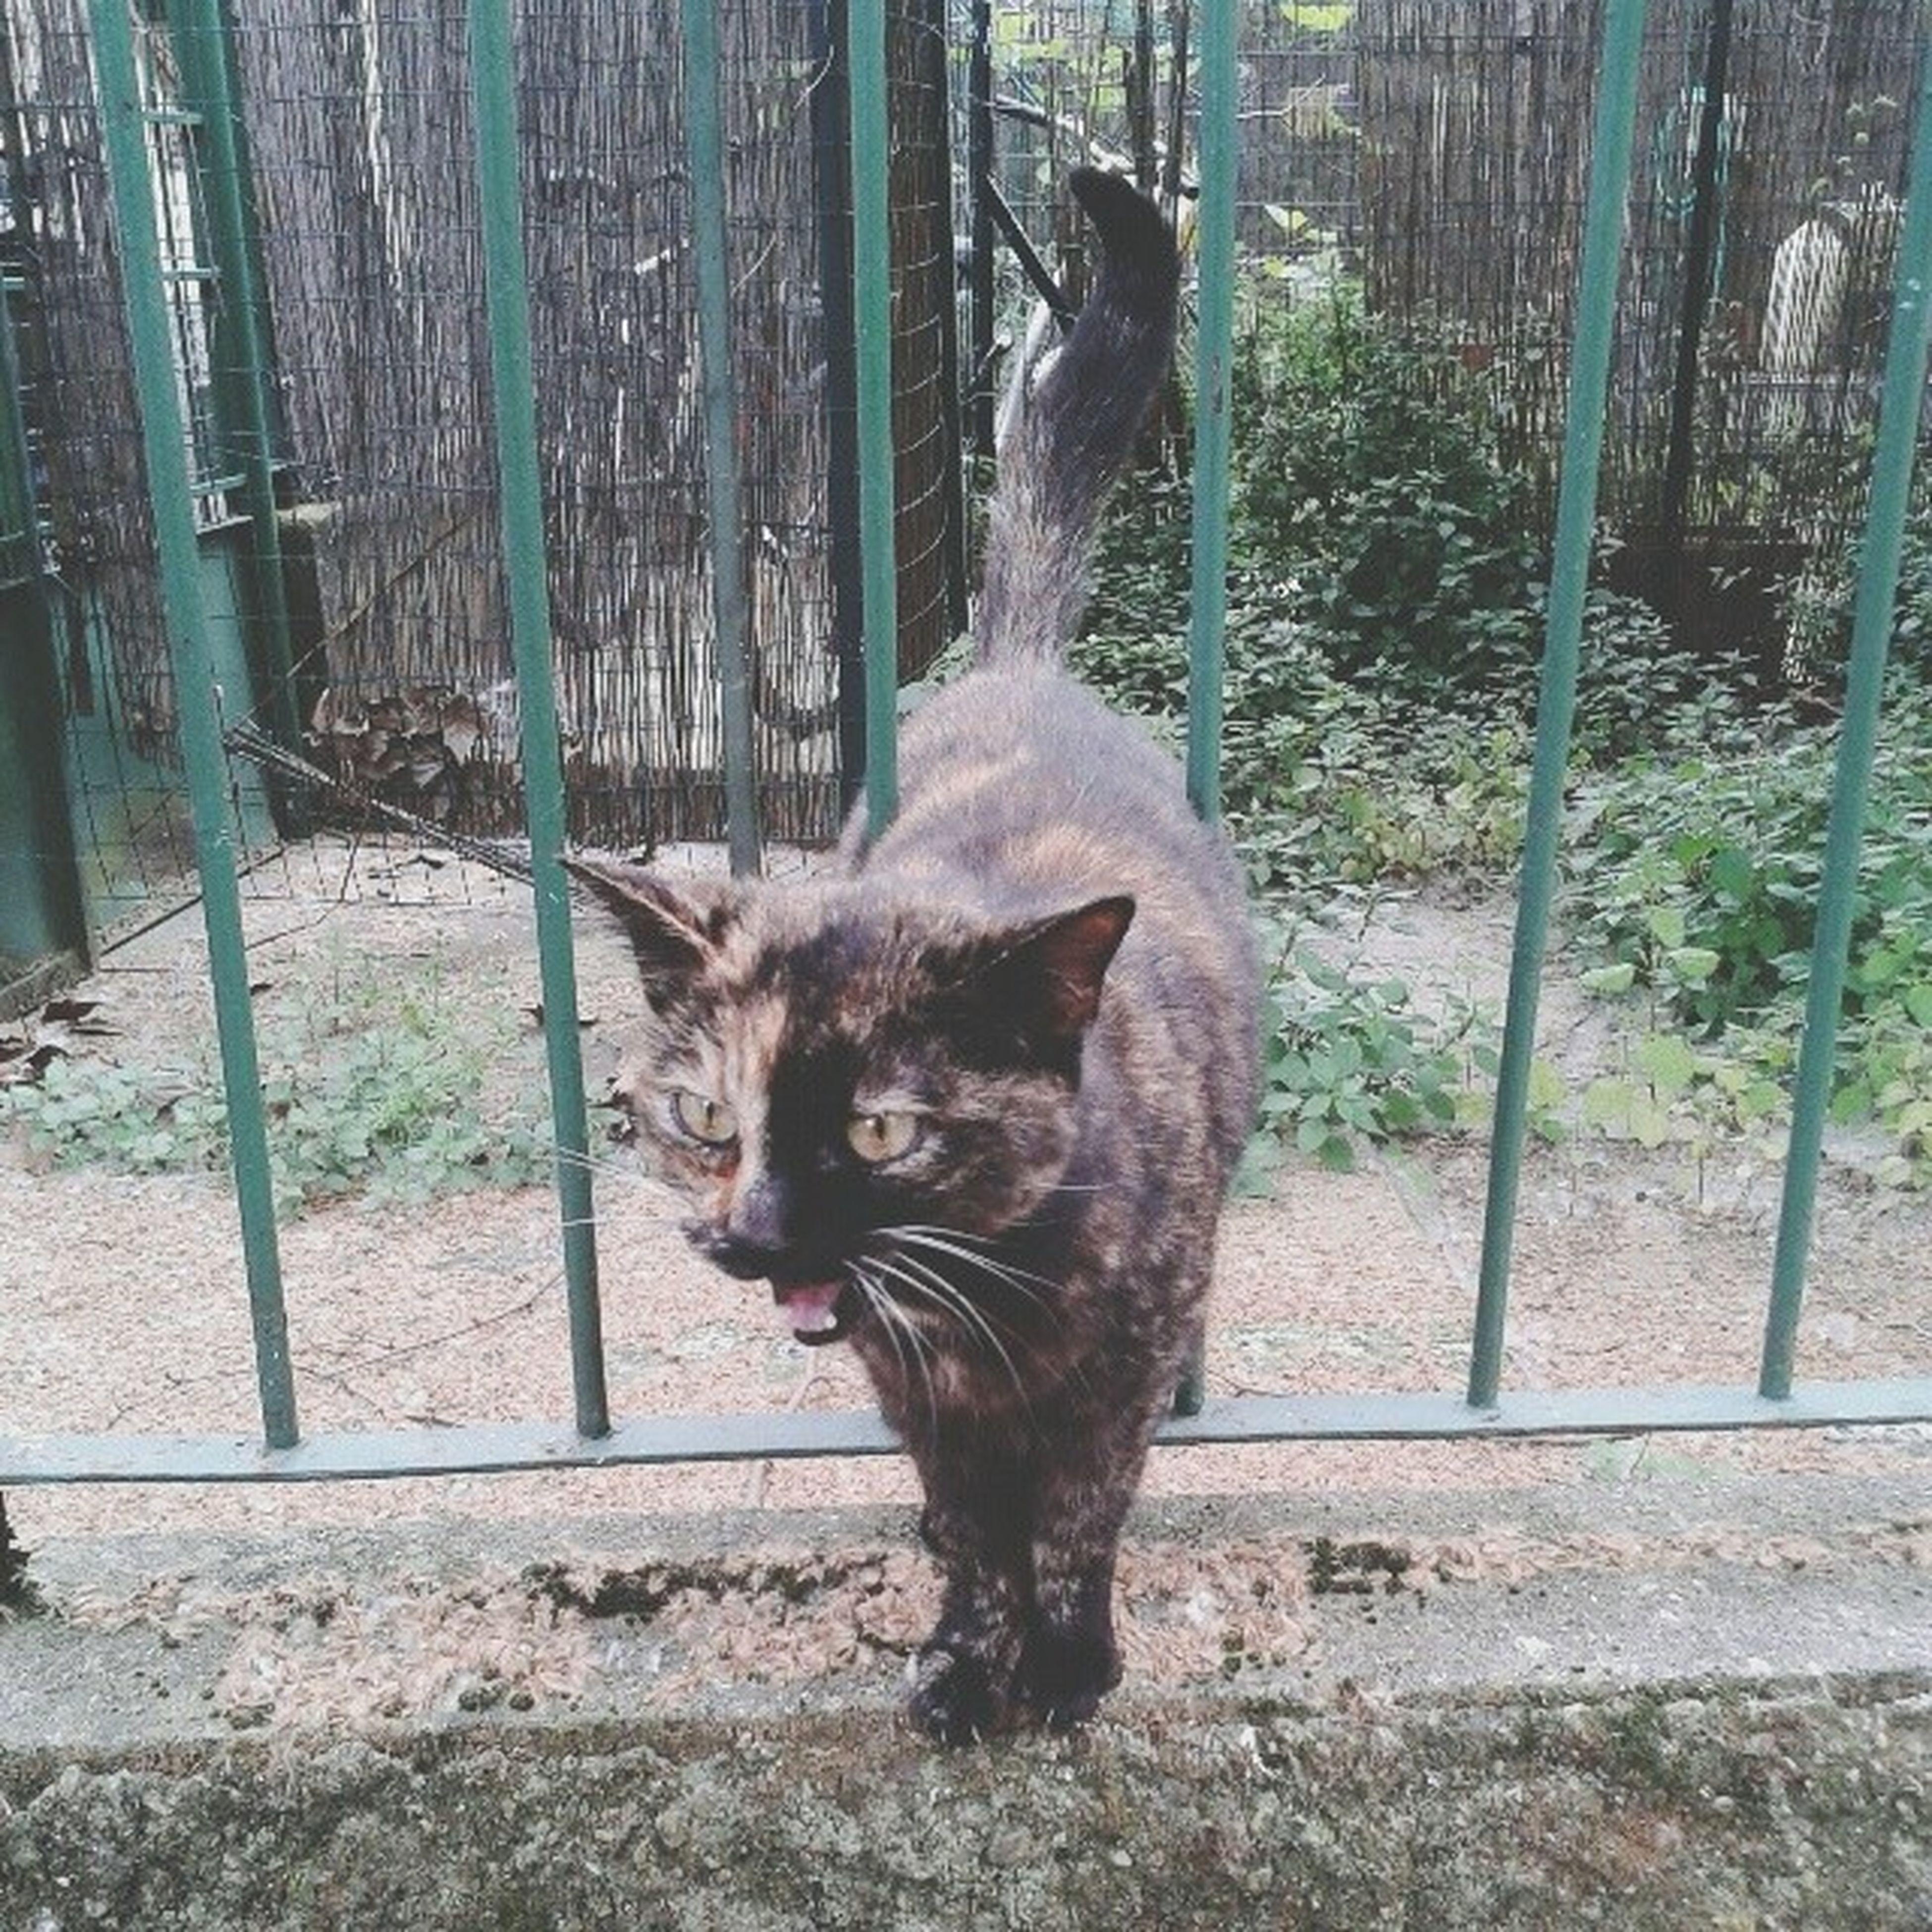 Attendere il bus con lei è stato fantastico ( pt.I ) Kitty Cat Gatto Gatta gattina she lei lovely twocolours morbida cute cutie maow eyes occhi now ora